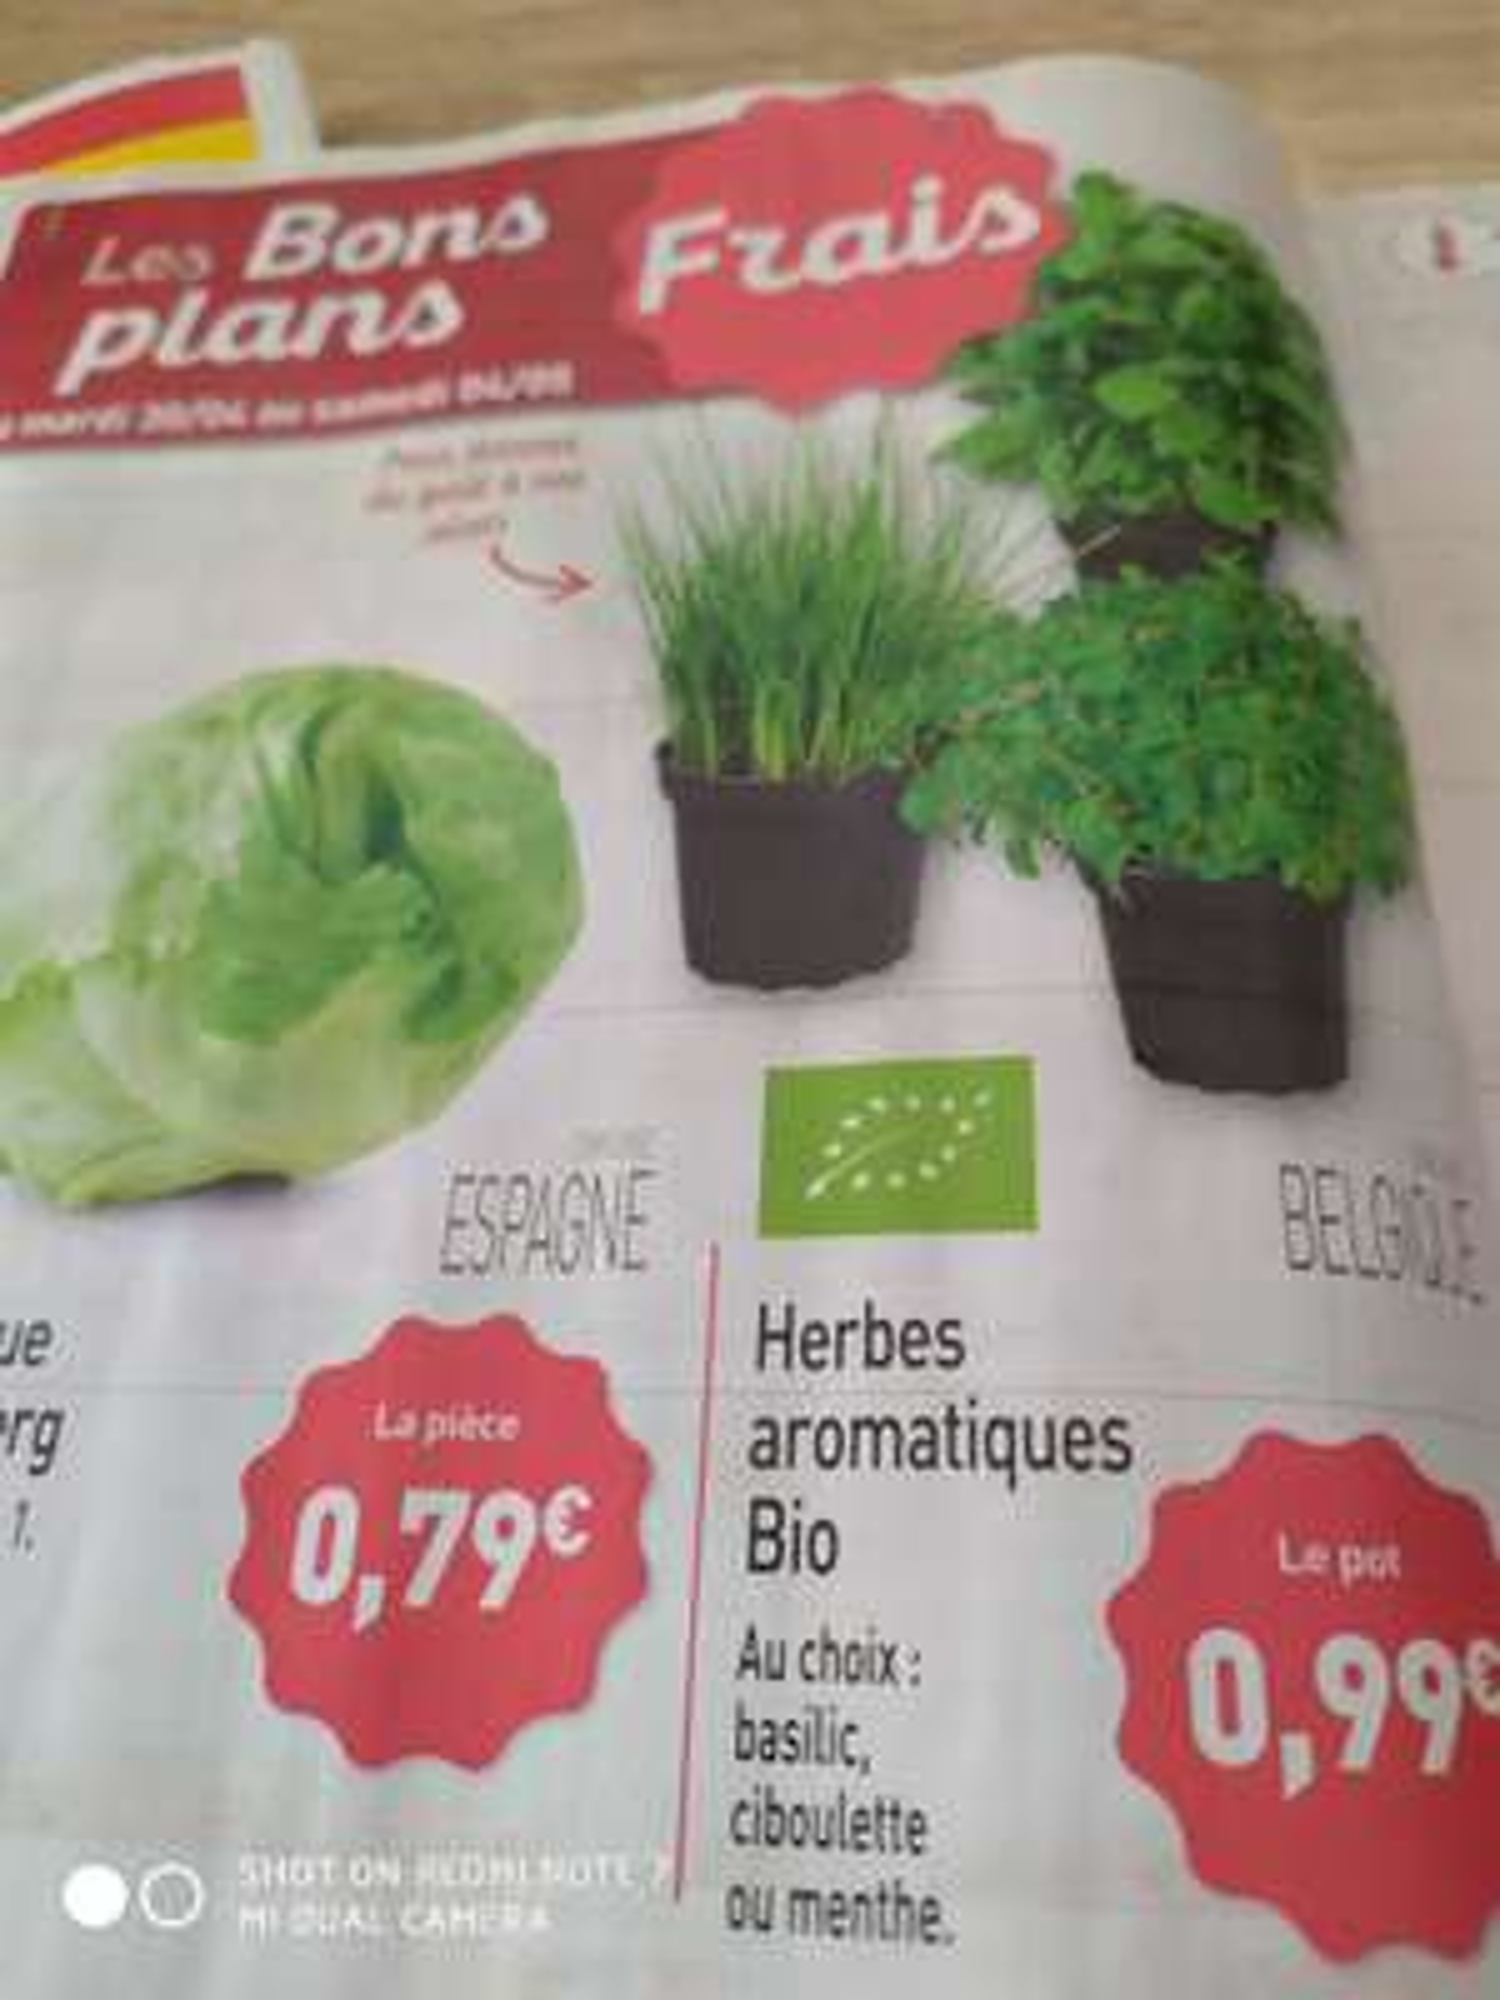 Pot d'herbes aromatiques Bio (Basilic, ciboulette ou menthe)